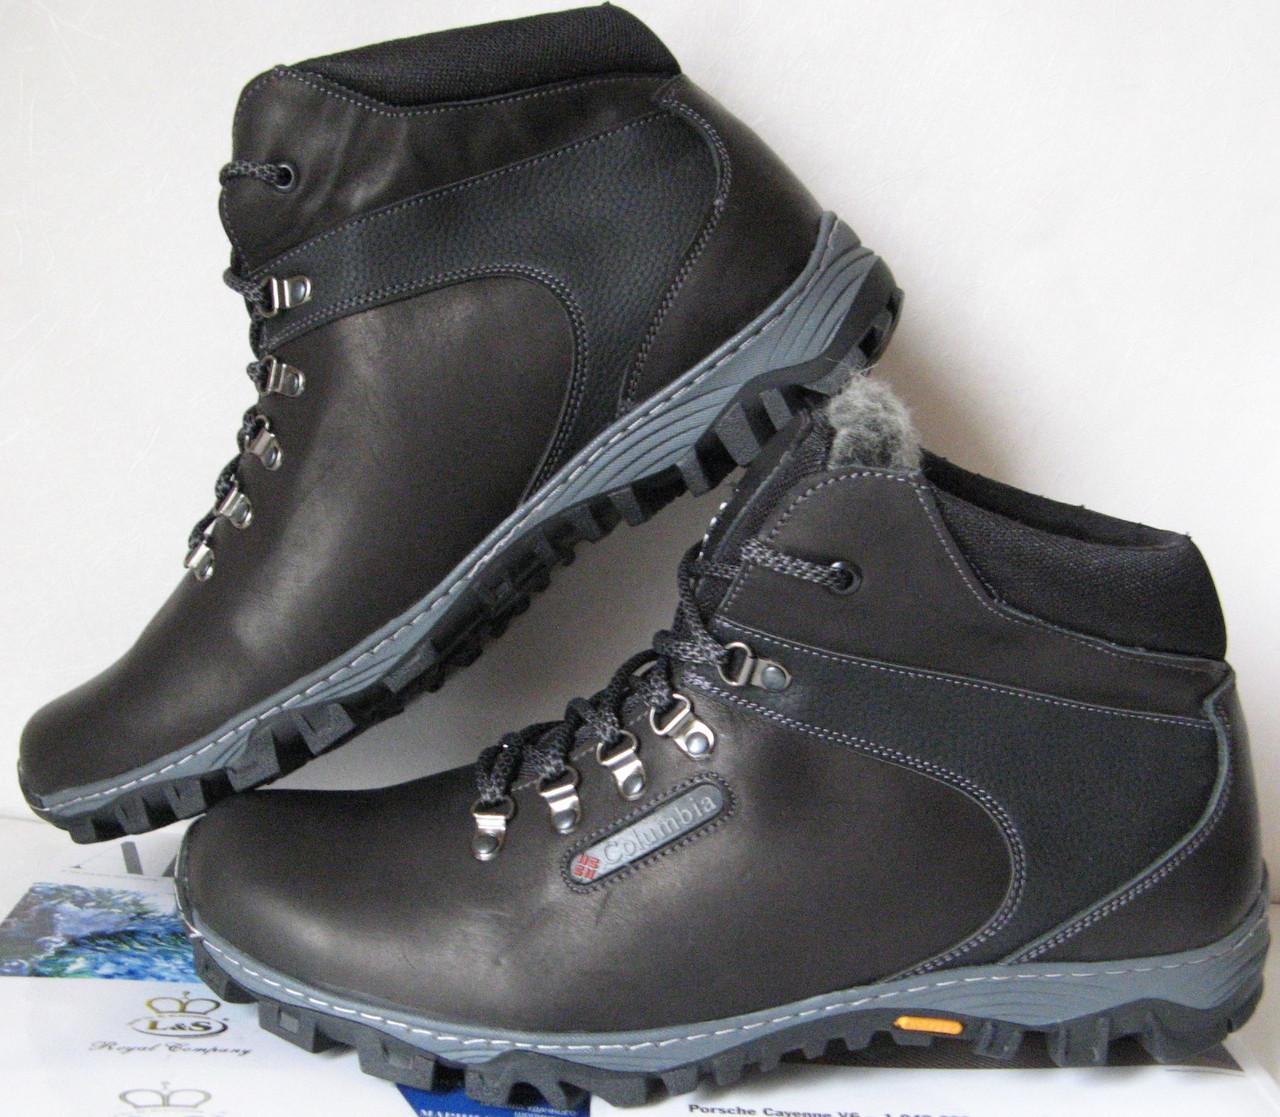 Columbia мужские зимние ботинки большого размера 46 47 48 49 50 реплика bd4c4eed9b155